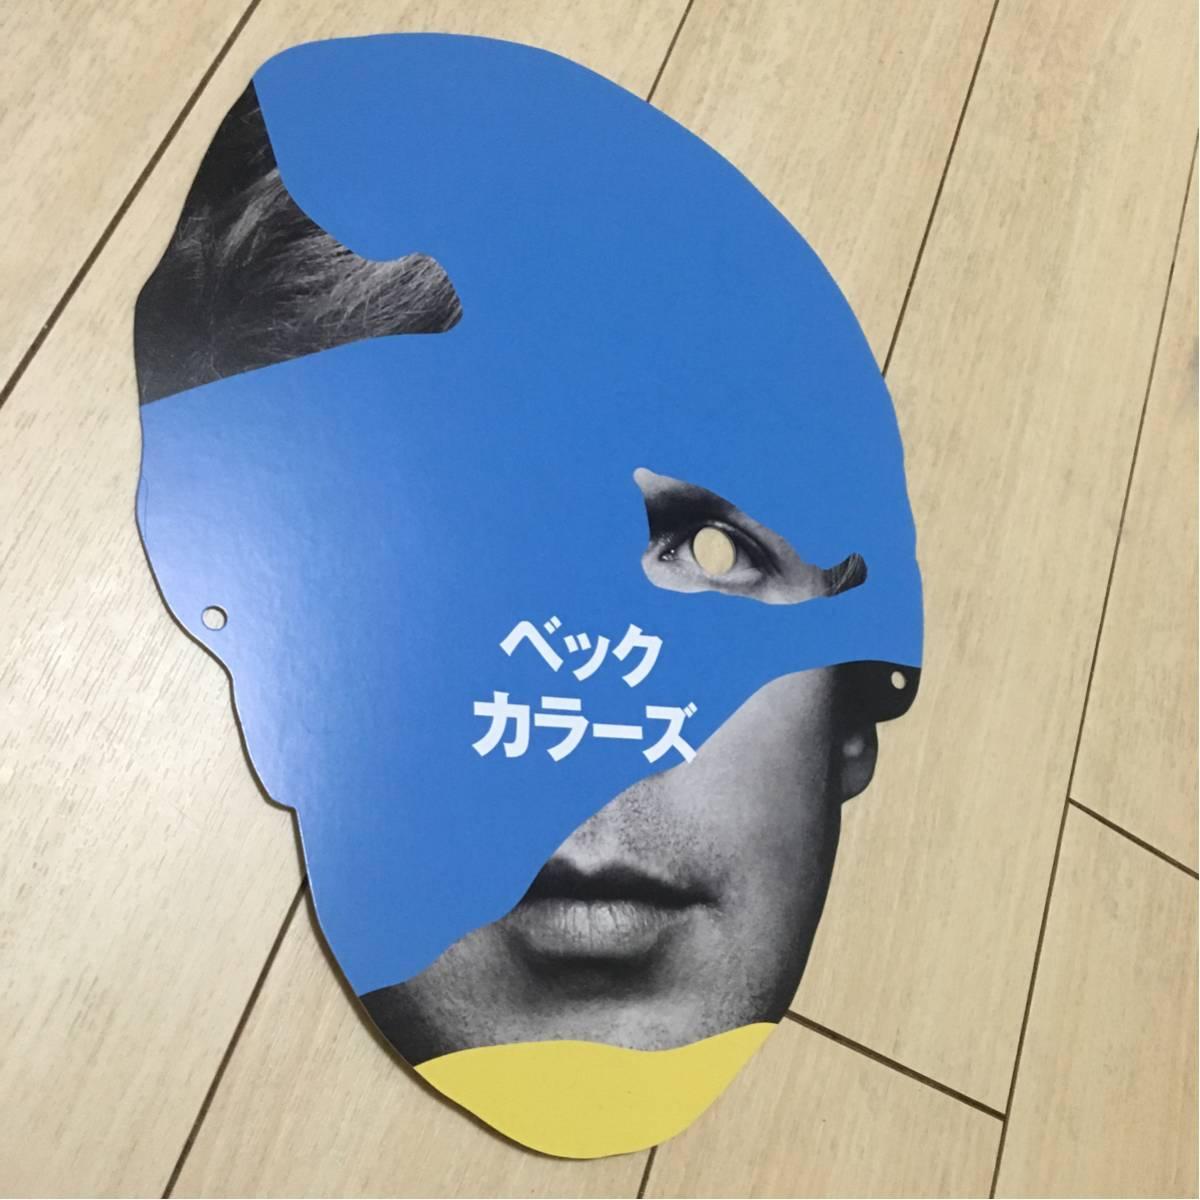 ベック beck カラーズ 宣伝用 非売品 お面 ローファイ